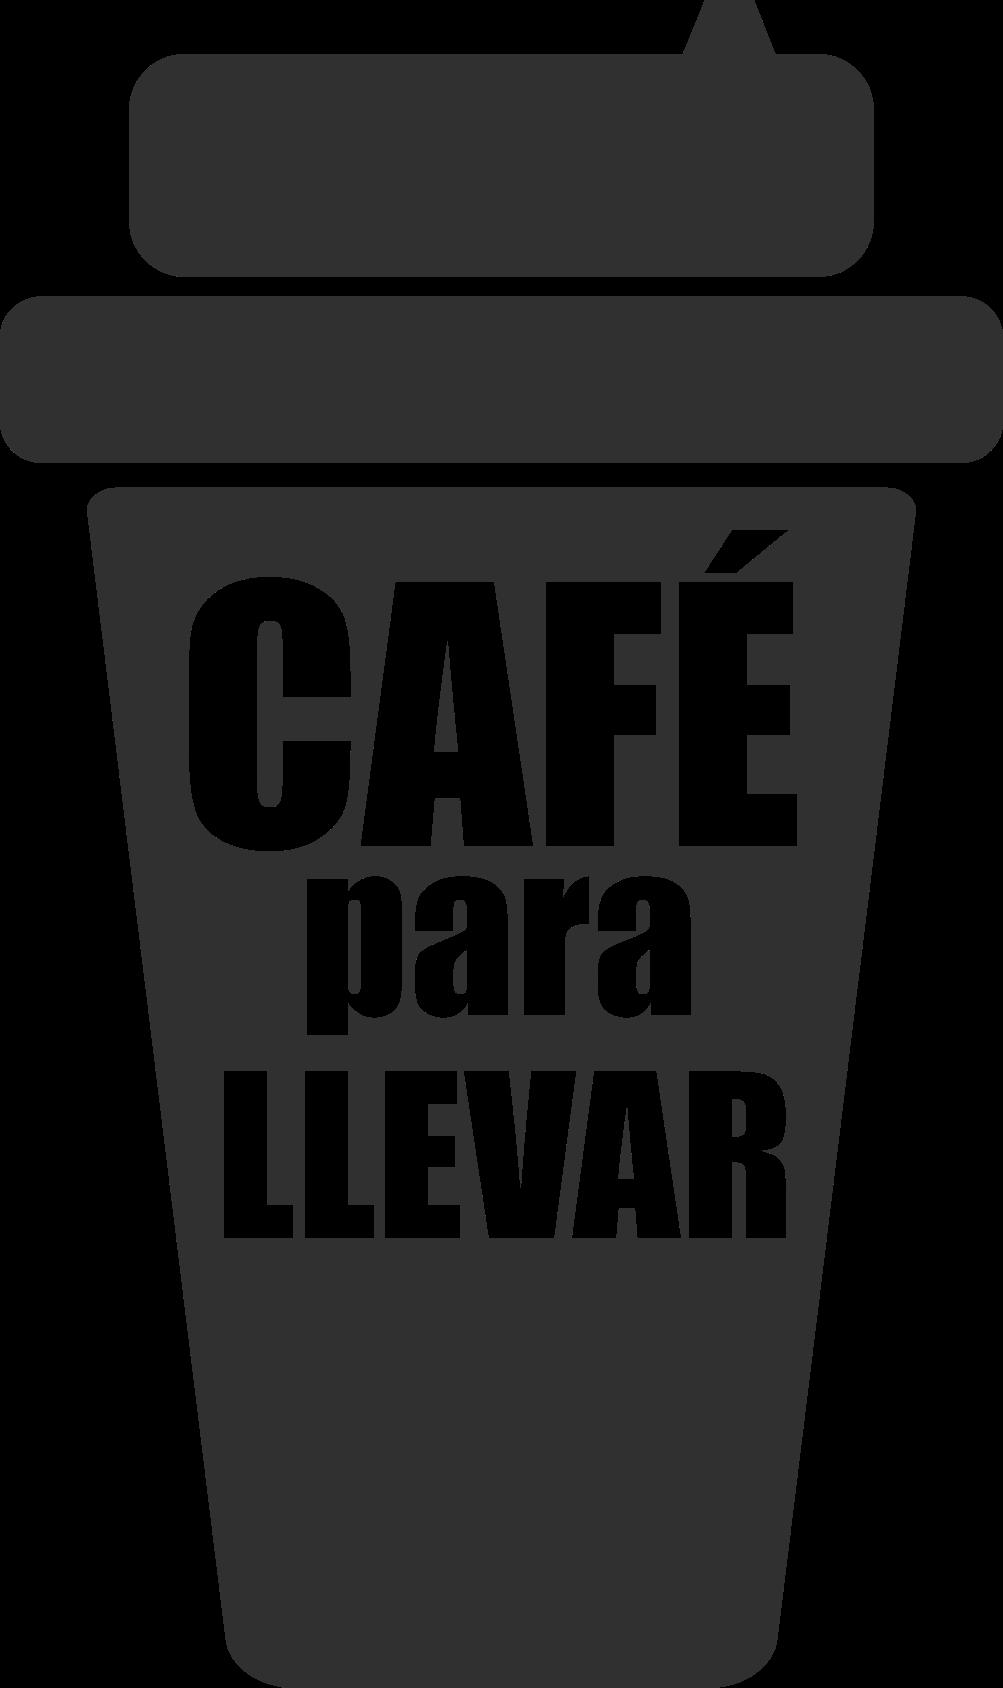 """TenVinilo. Vinilo cafetería vaso café para llevar. Vinilo cafetería con un vaso de café y la frase """"café para llevar"""" para indicar el servicio en tu negocio. Elige color y medidas ¡Envío exprés!"""